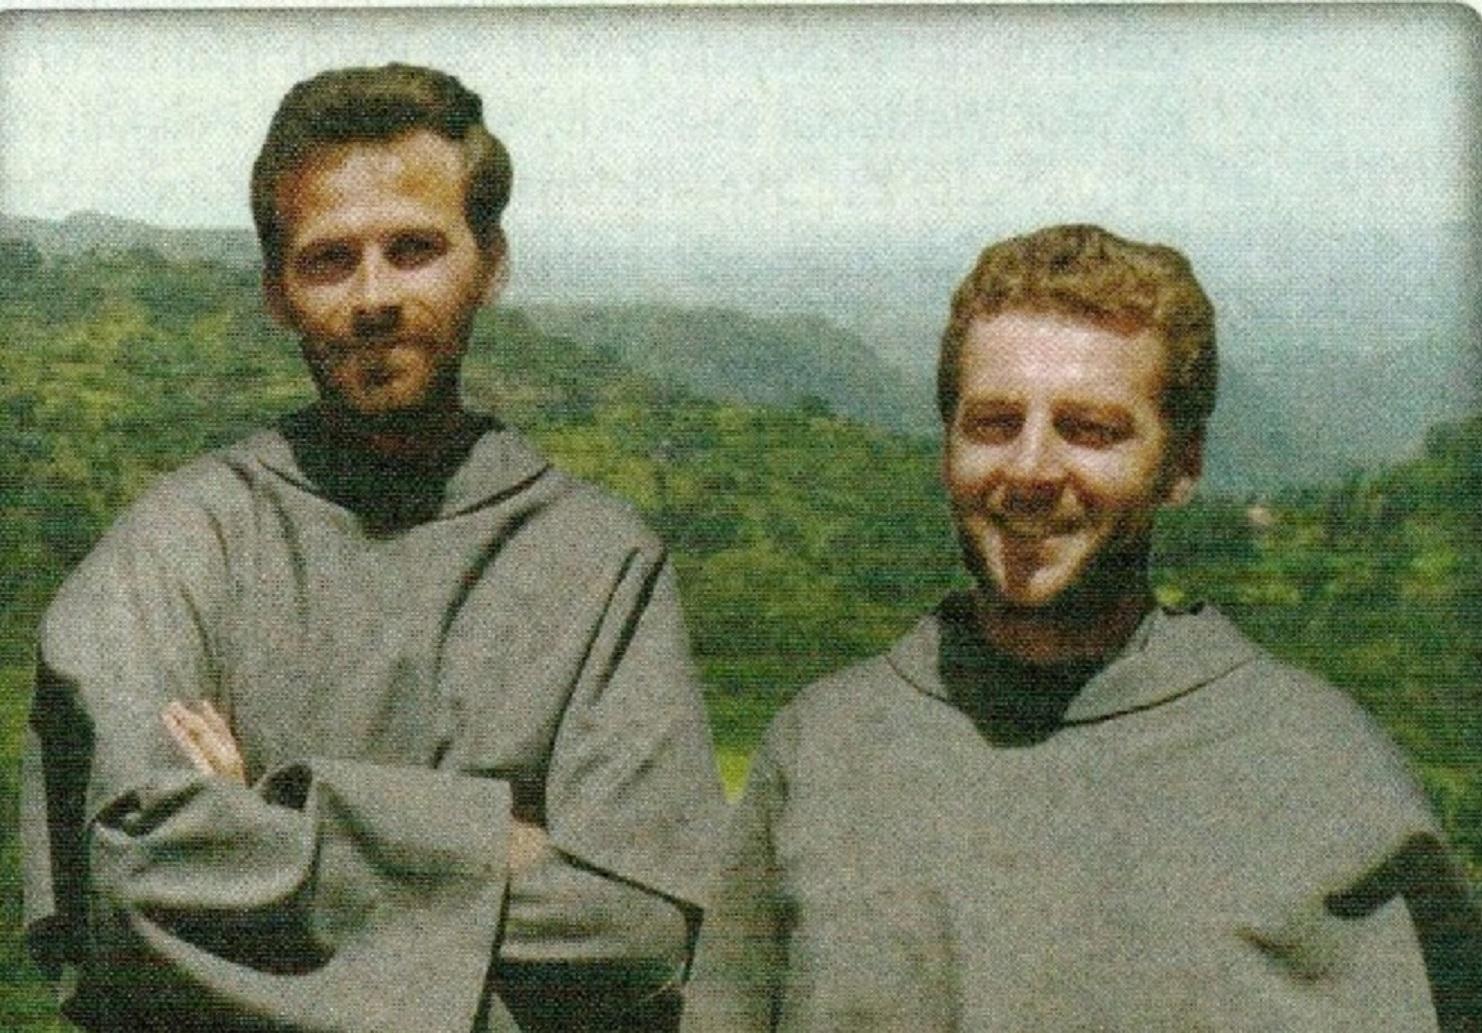 Father Michal Tomaszek and father Zbigniew Strzalkowski